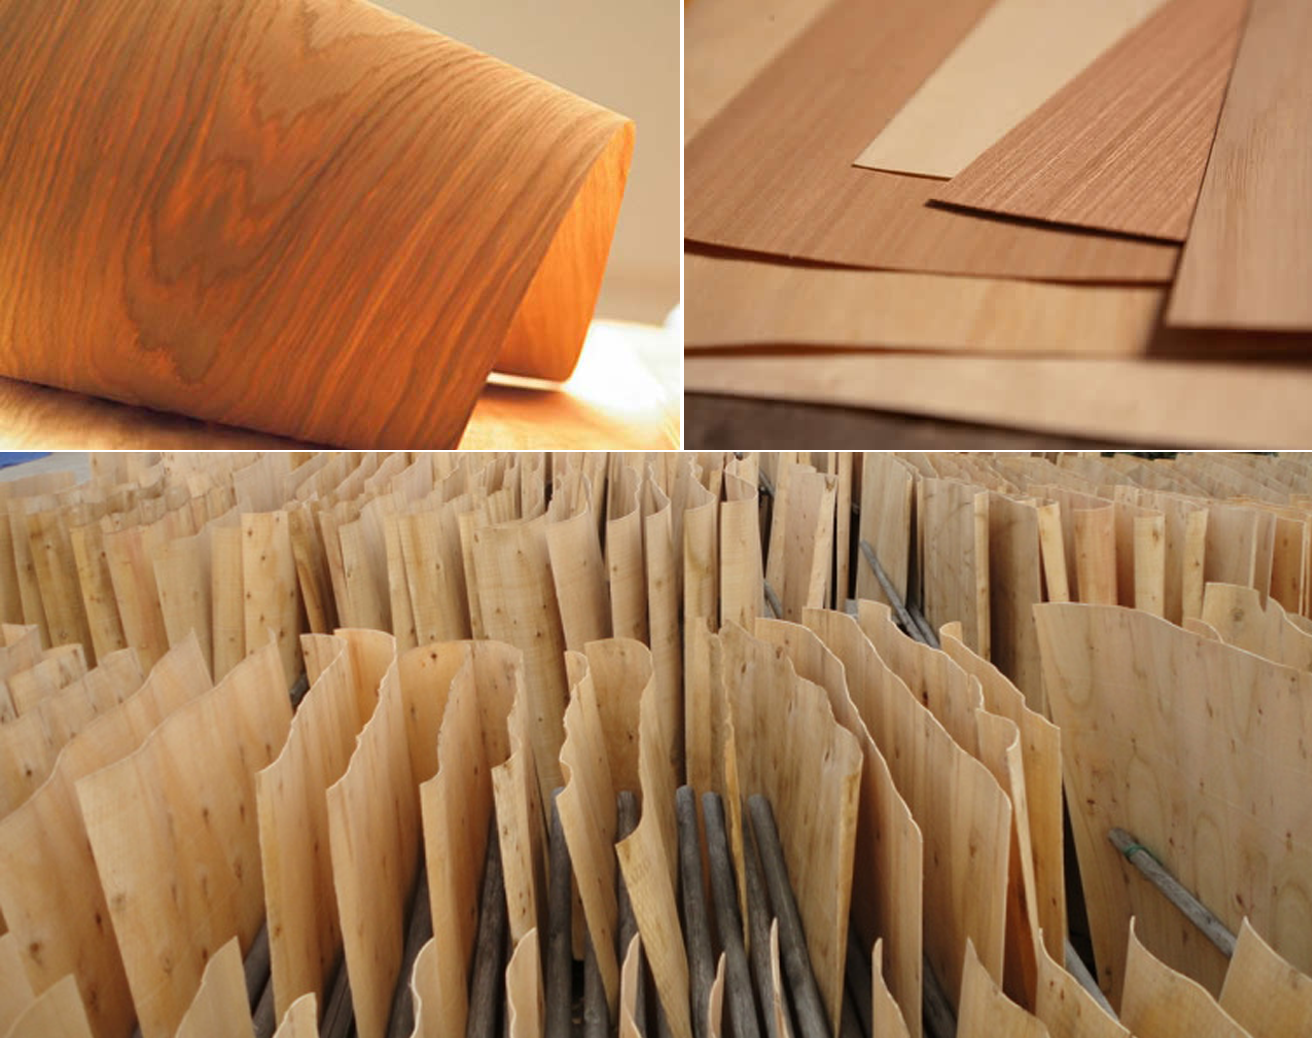 Keo dán veneer NB 325 dùng để dán gỗ nổi tiếng nhất hiện nay